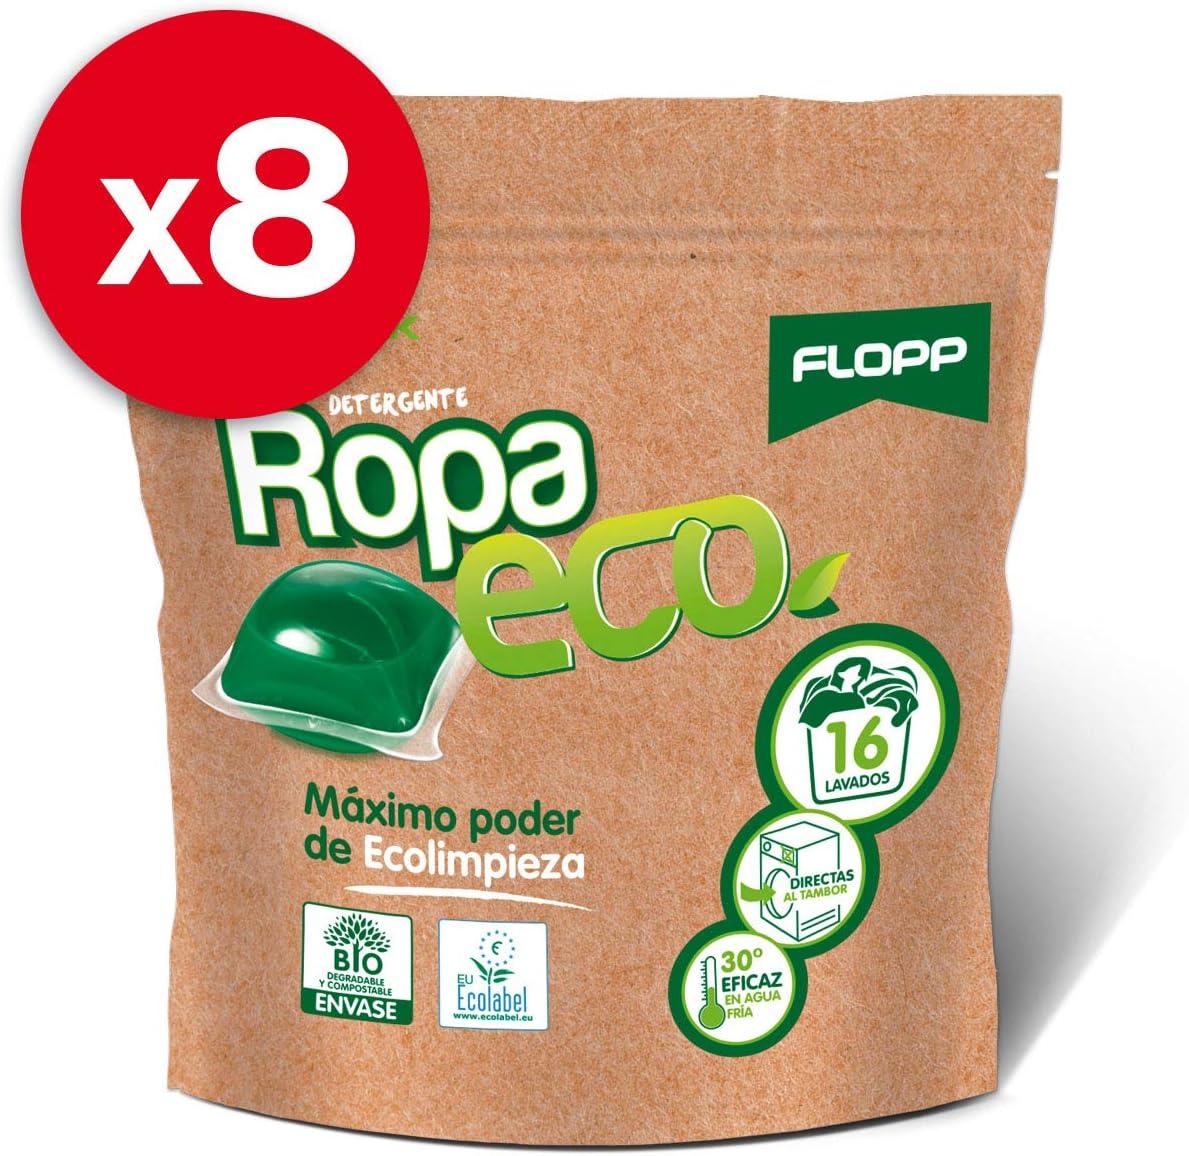 Flopp - Detergente Ecológico en Cápsulas para la Ropa, 16 Cápsulas ...